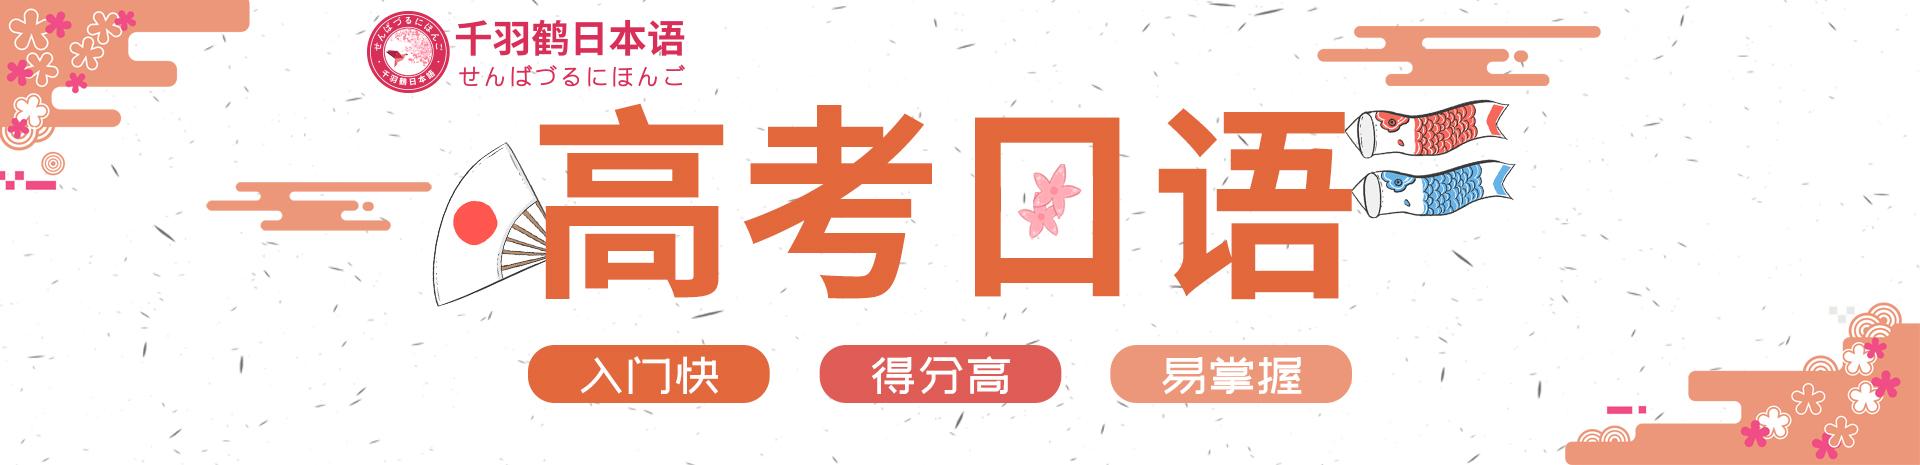 武汉千羽鹤日本语